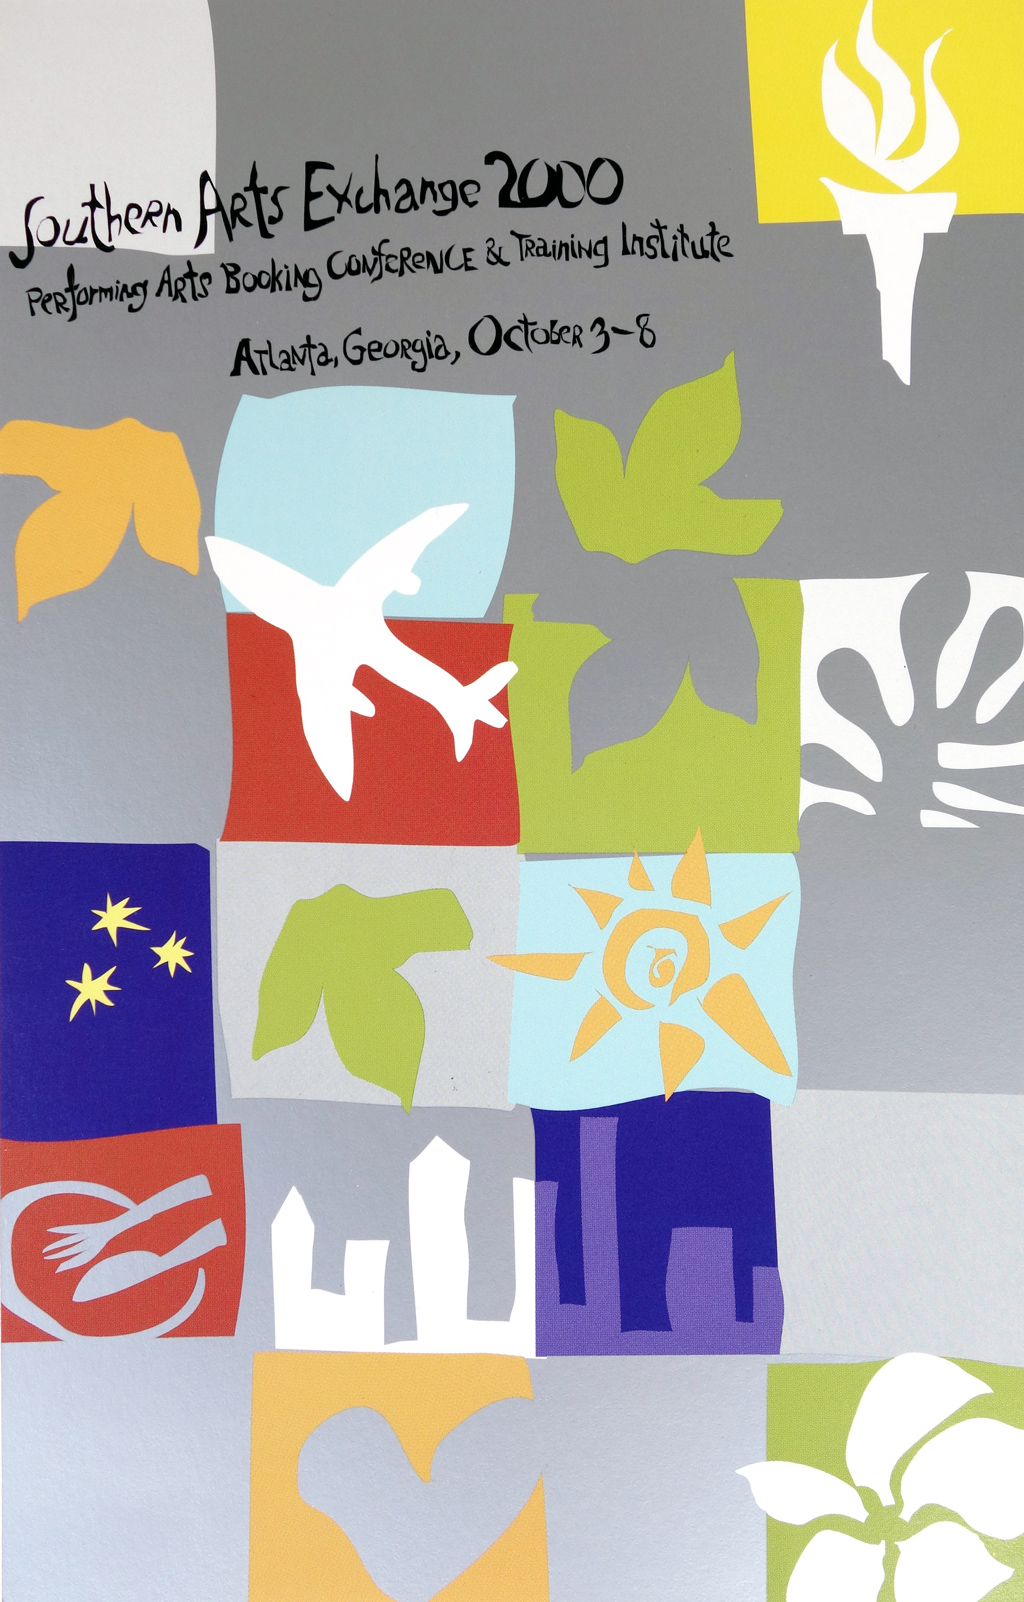 Southern Arts Exchange postcard